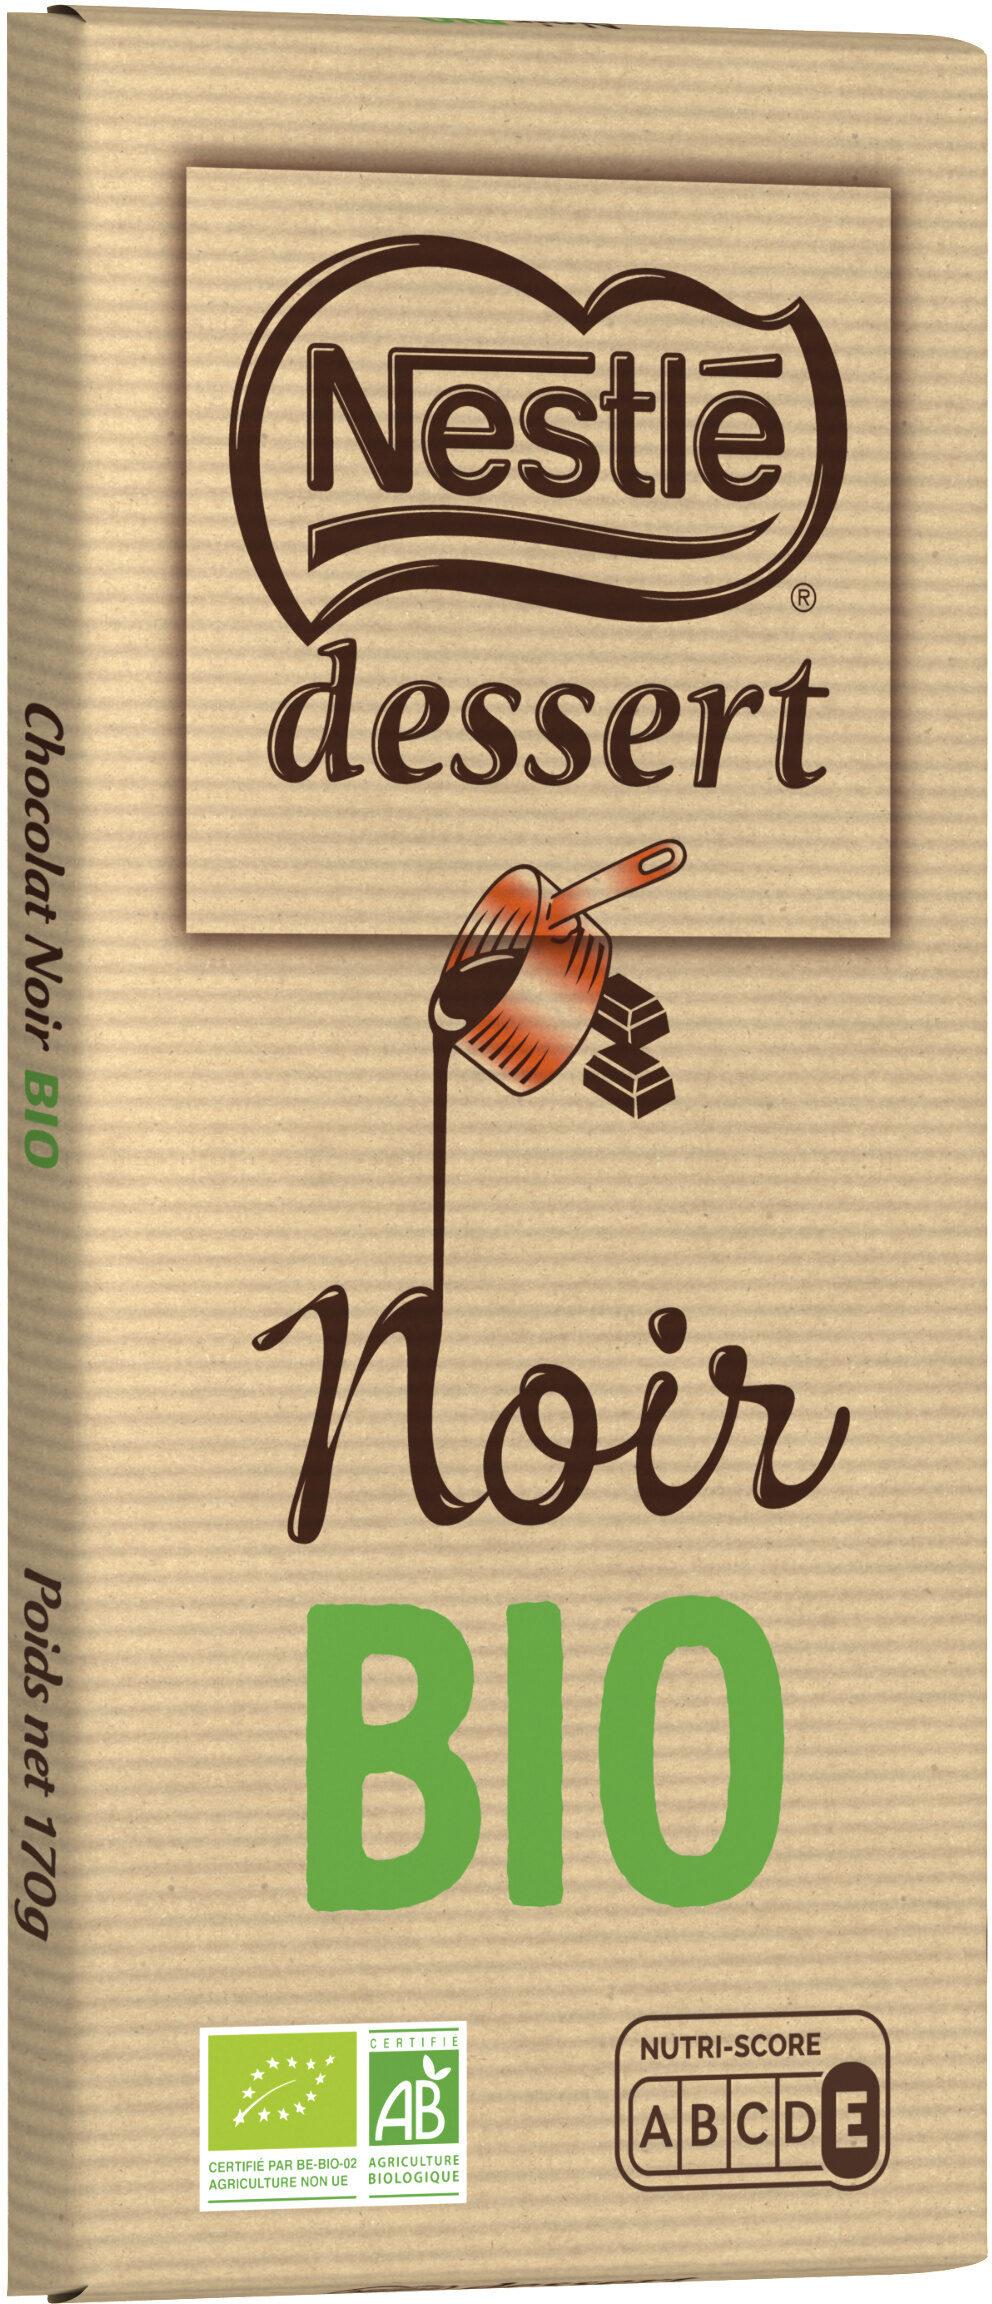 Noir BIO - Produit - fr